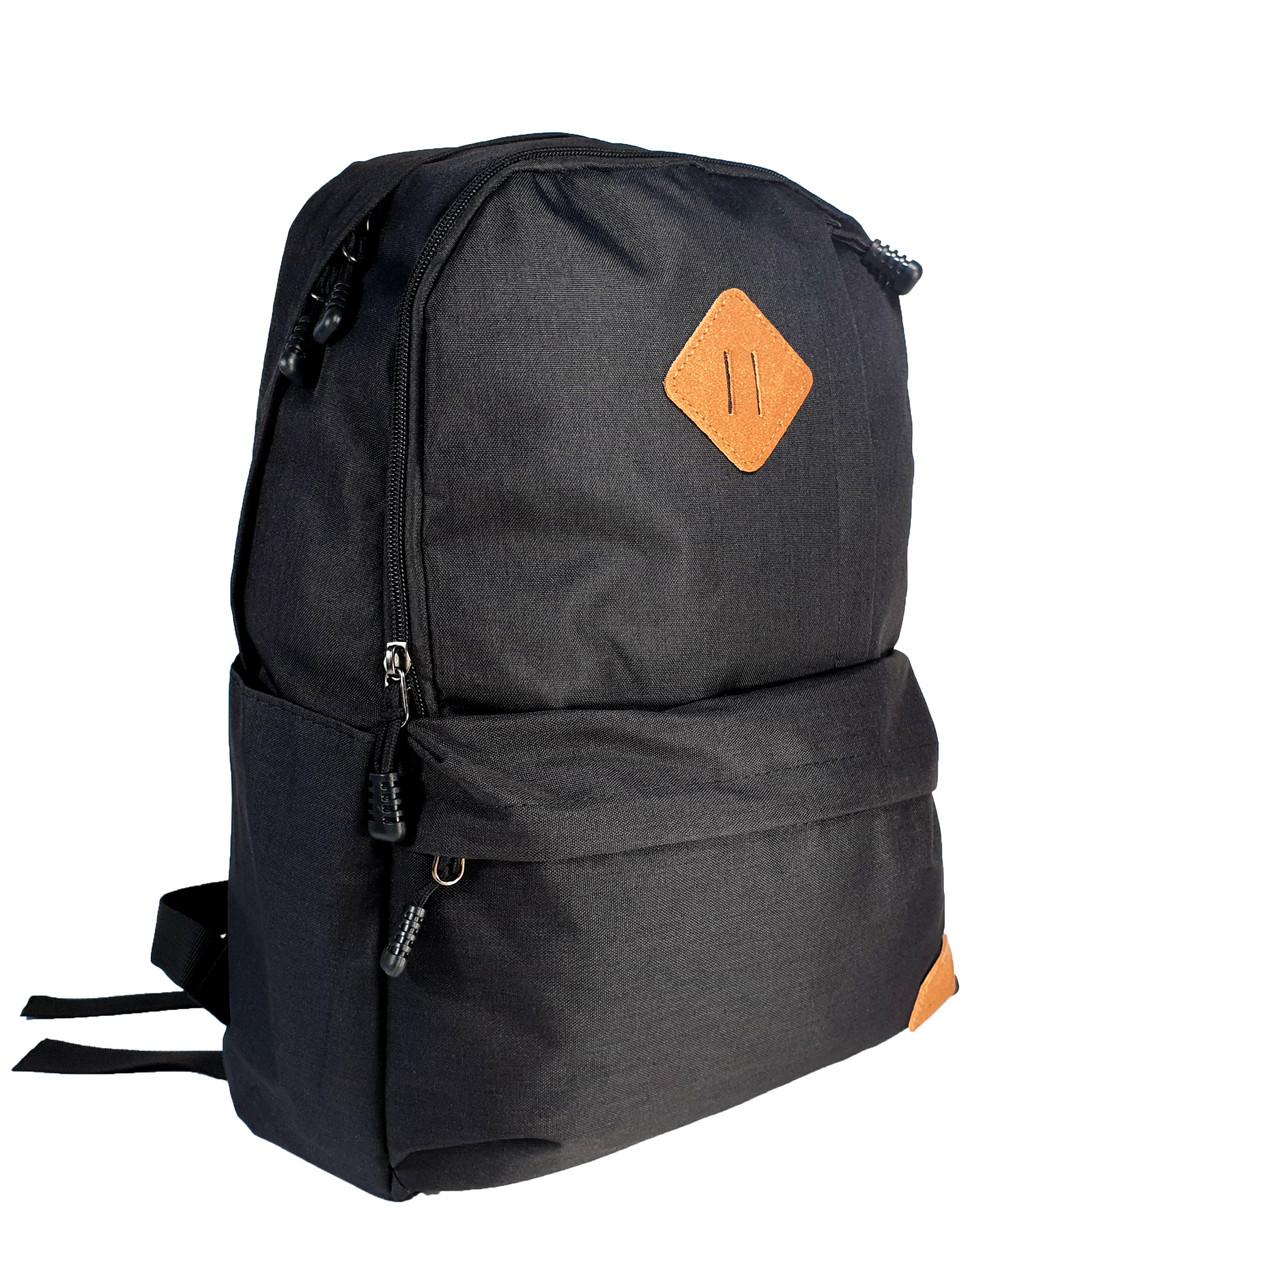 Городской многосекционный рюкзак Venlice